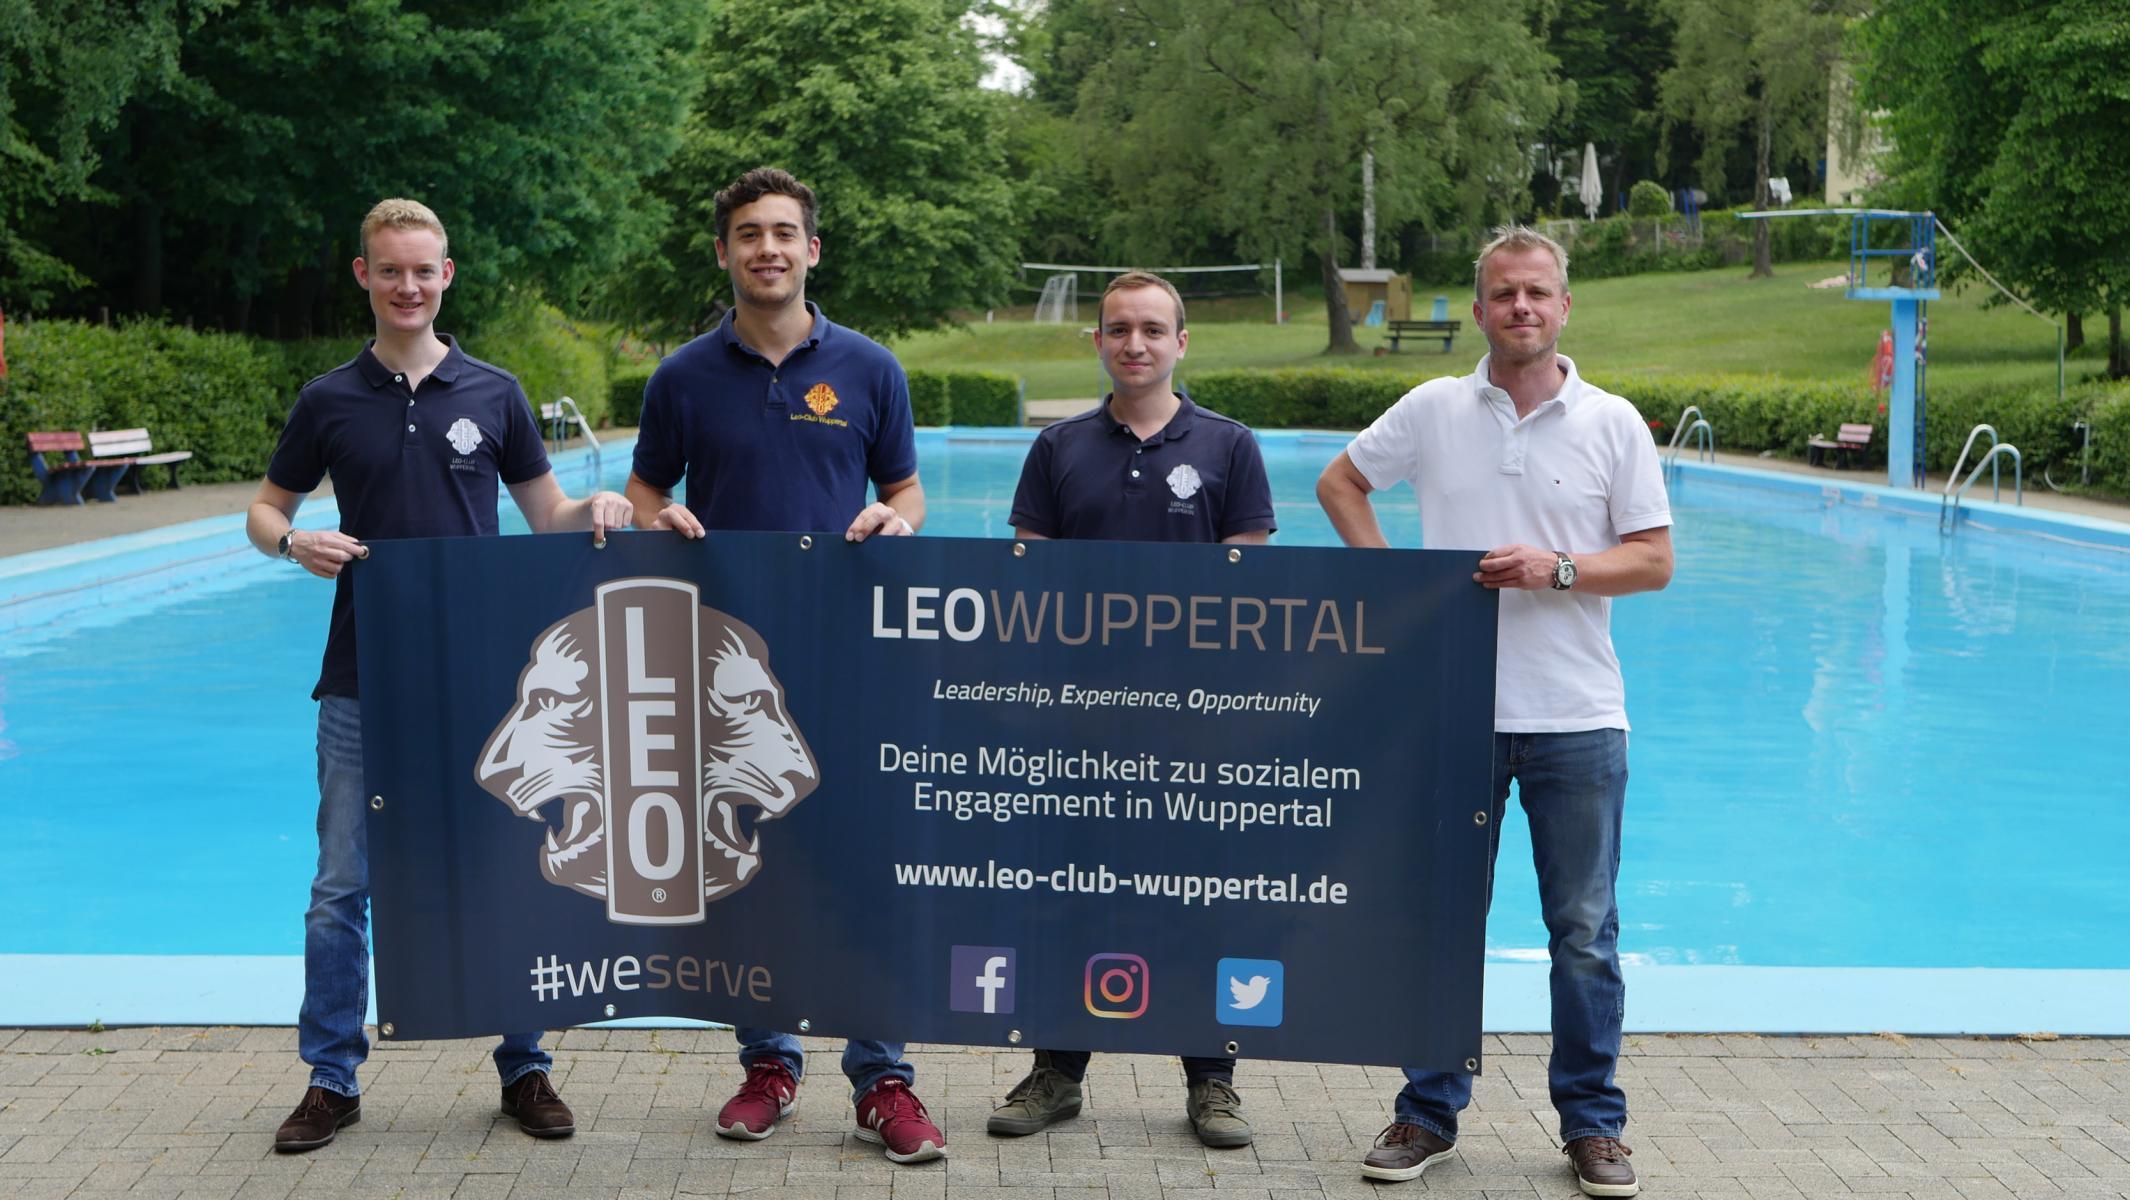 Leos spenden 3.000€ an das Freibad Eckbusch